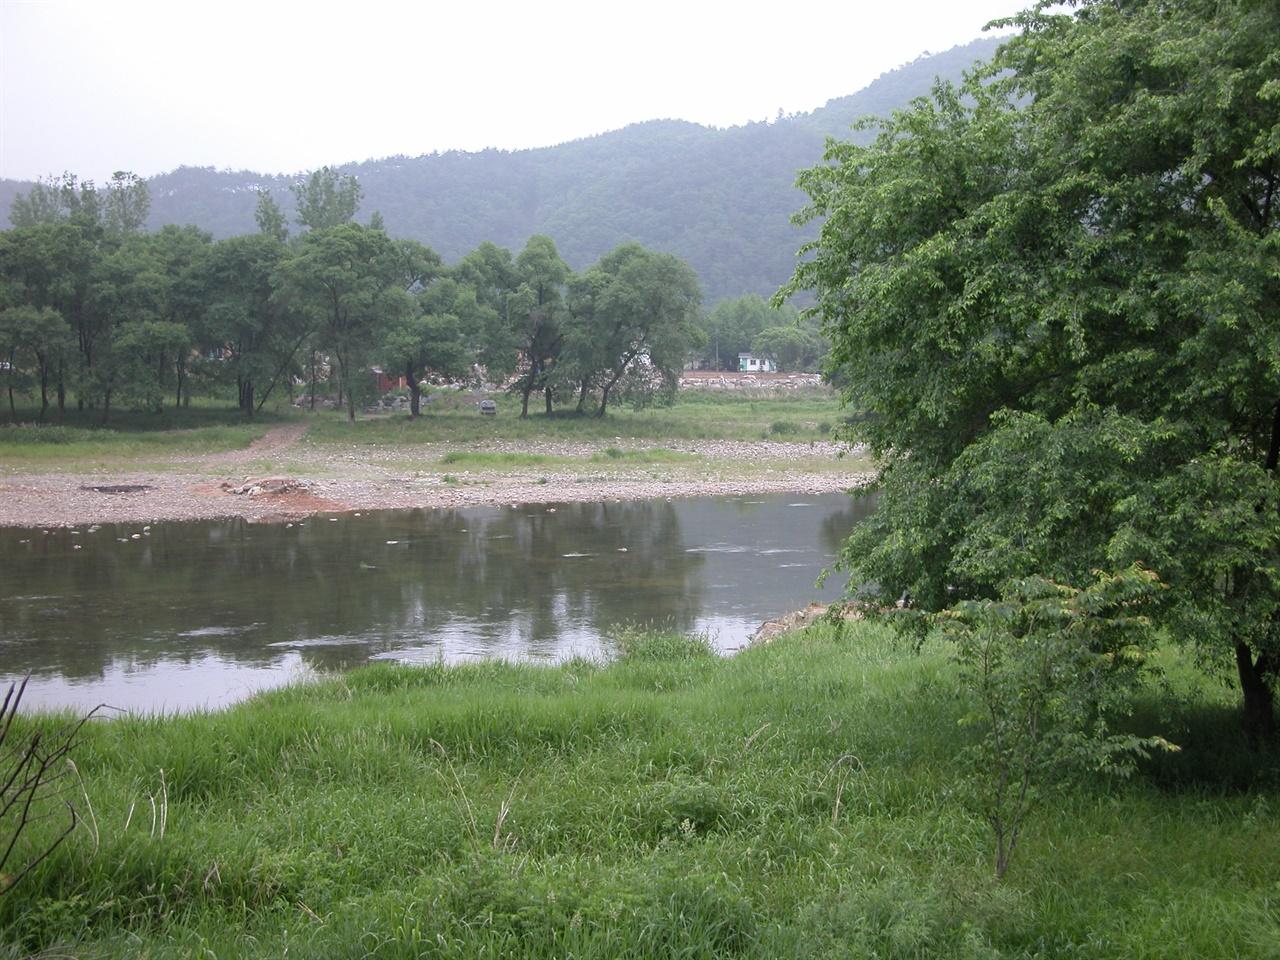 홍수에 대비하여 철거된 섶다리 한여름, 홍수에 대비하여 마을 주민들이 철거한 판운리 섶다리. 풍성한 나뭇잎과 대조적으로 다리가 사라진 자리에 선창만 남아있음.